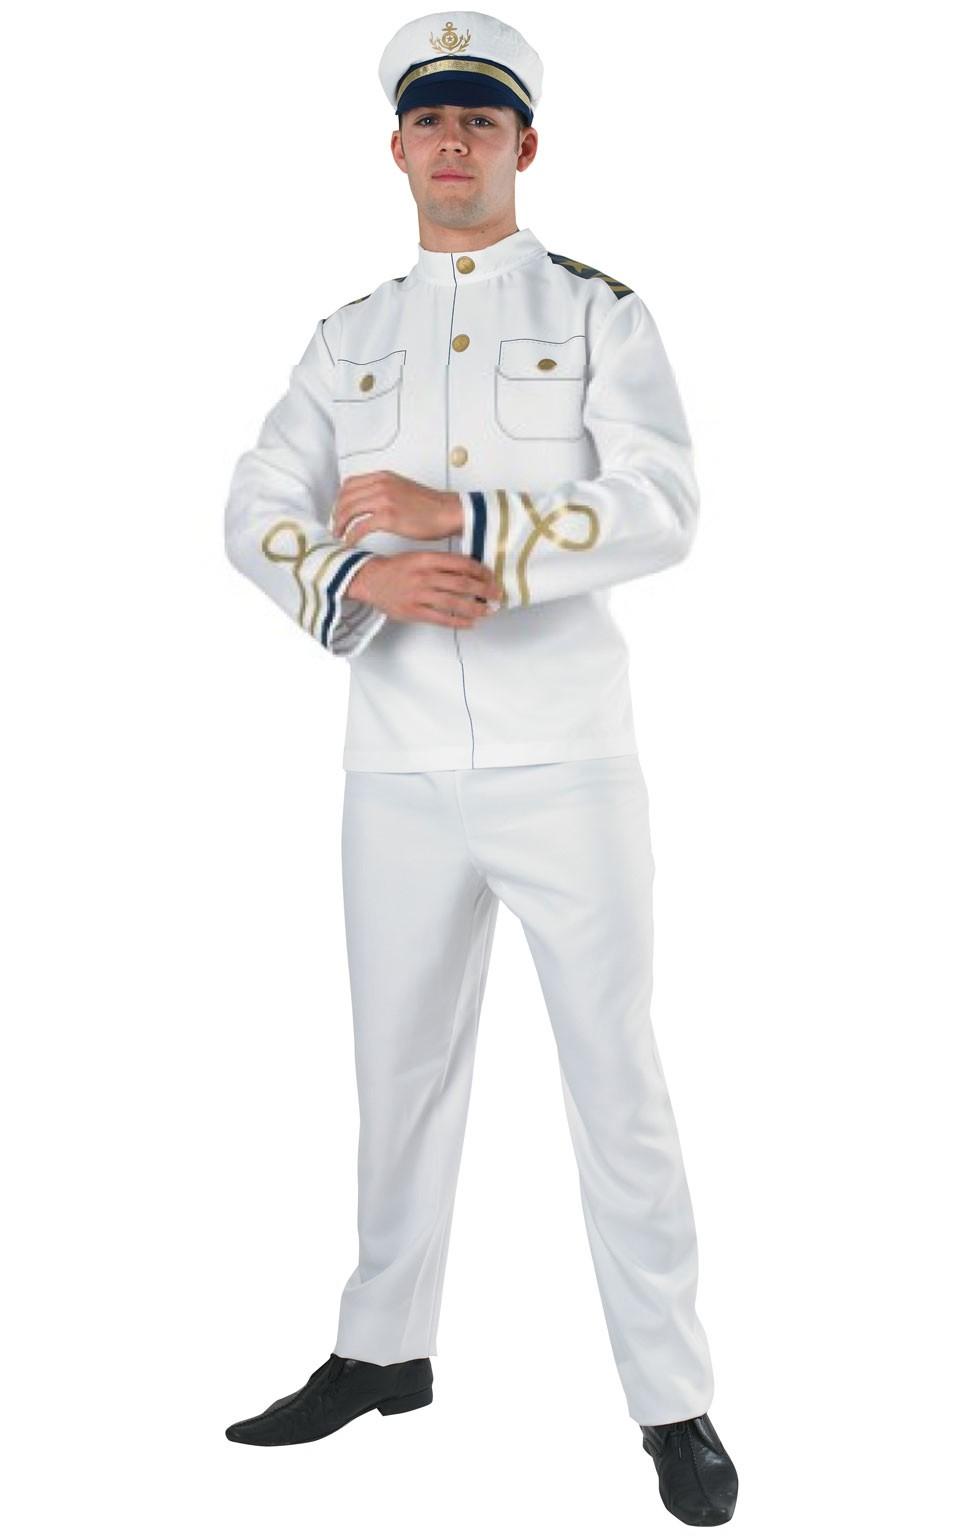 Картинка моряка в форме